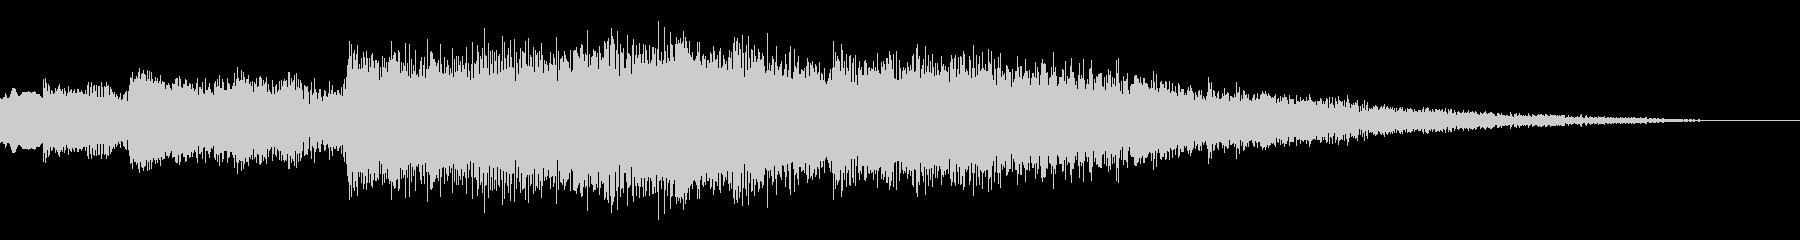 パソコンの起動音のようなサウンドロゴの未再生の波形